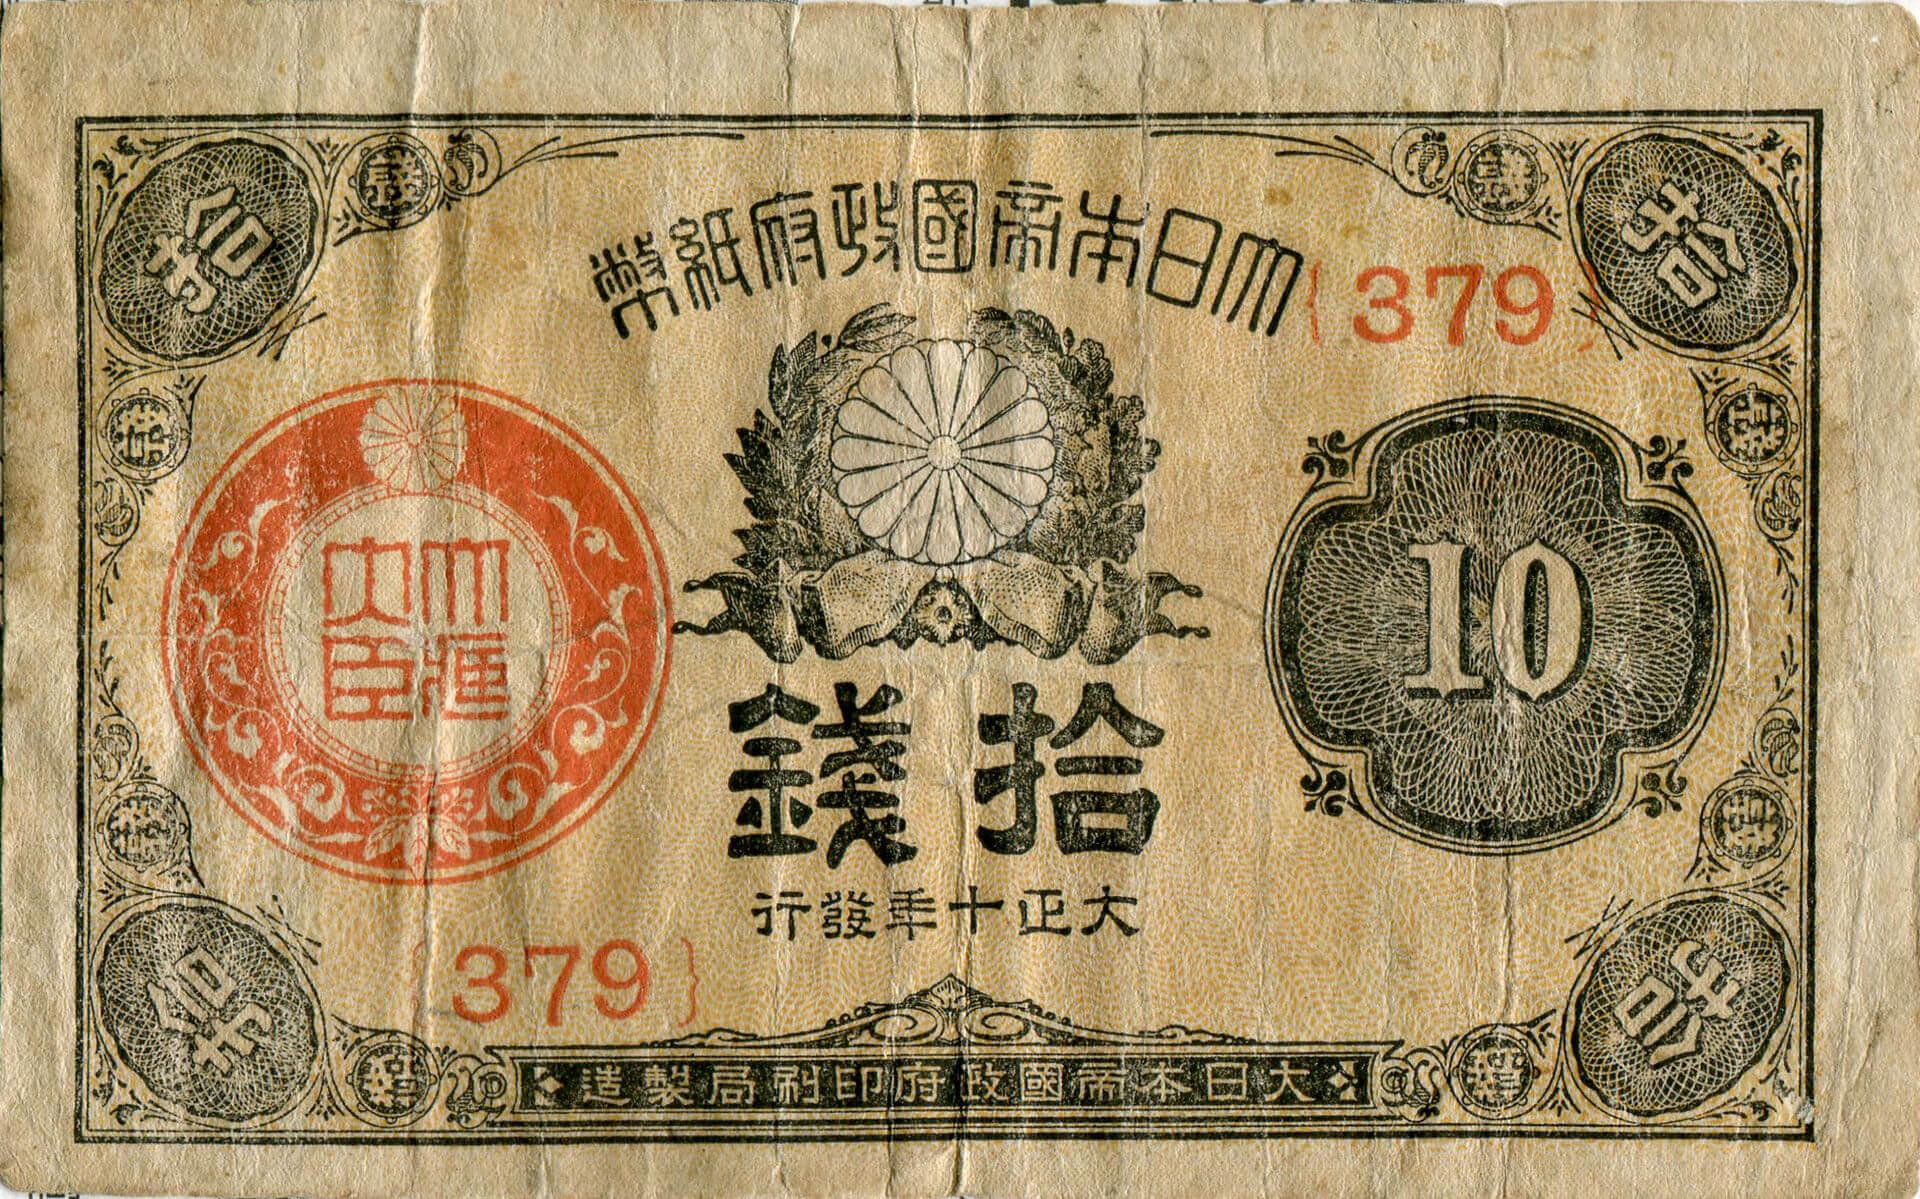 大正の紙幣